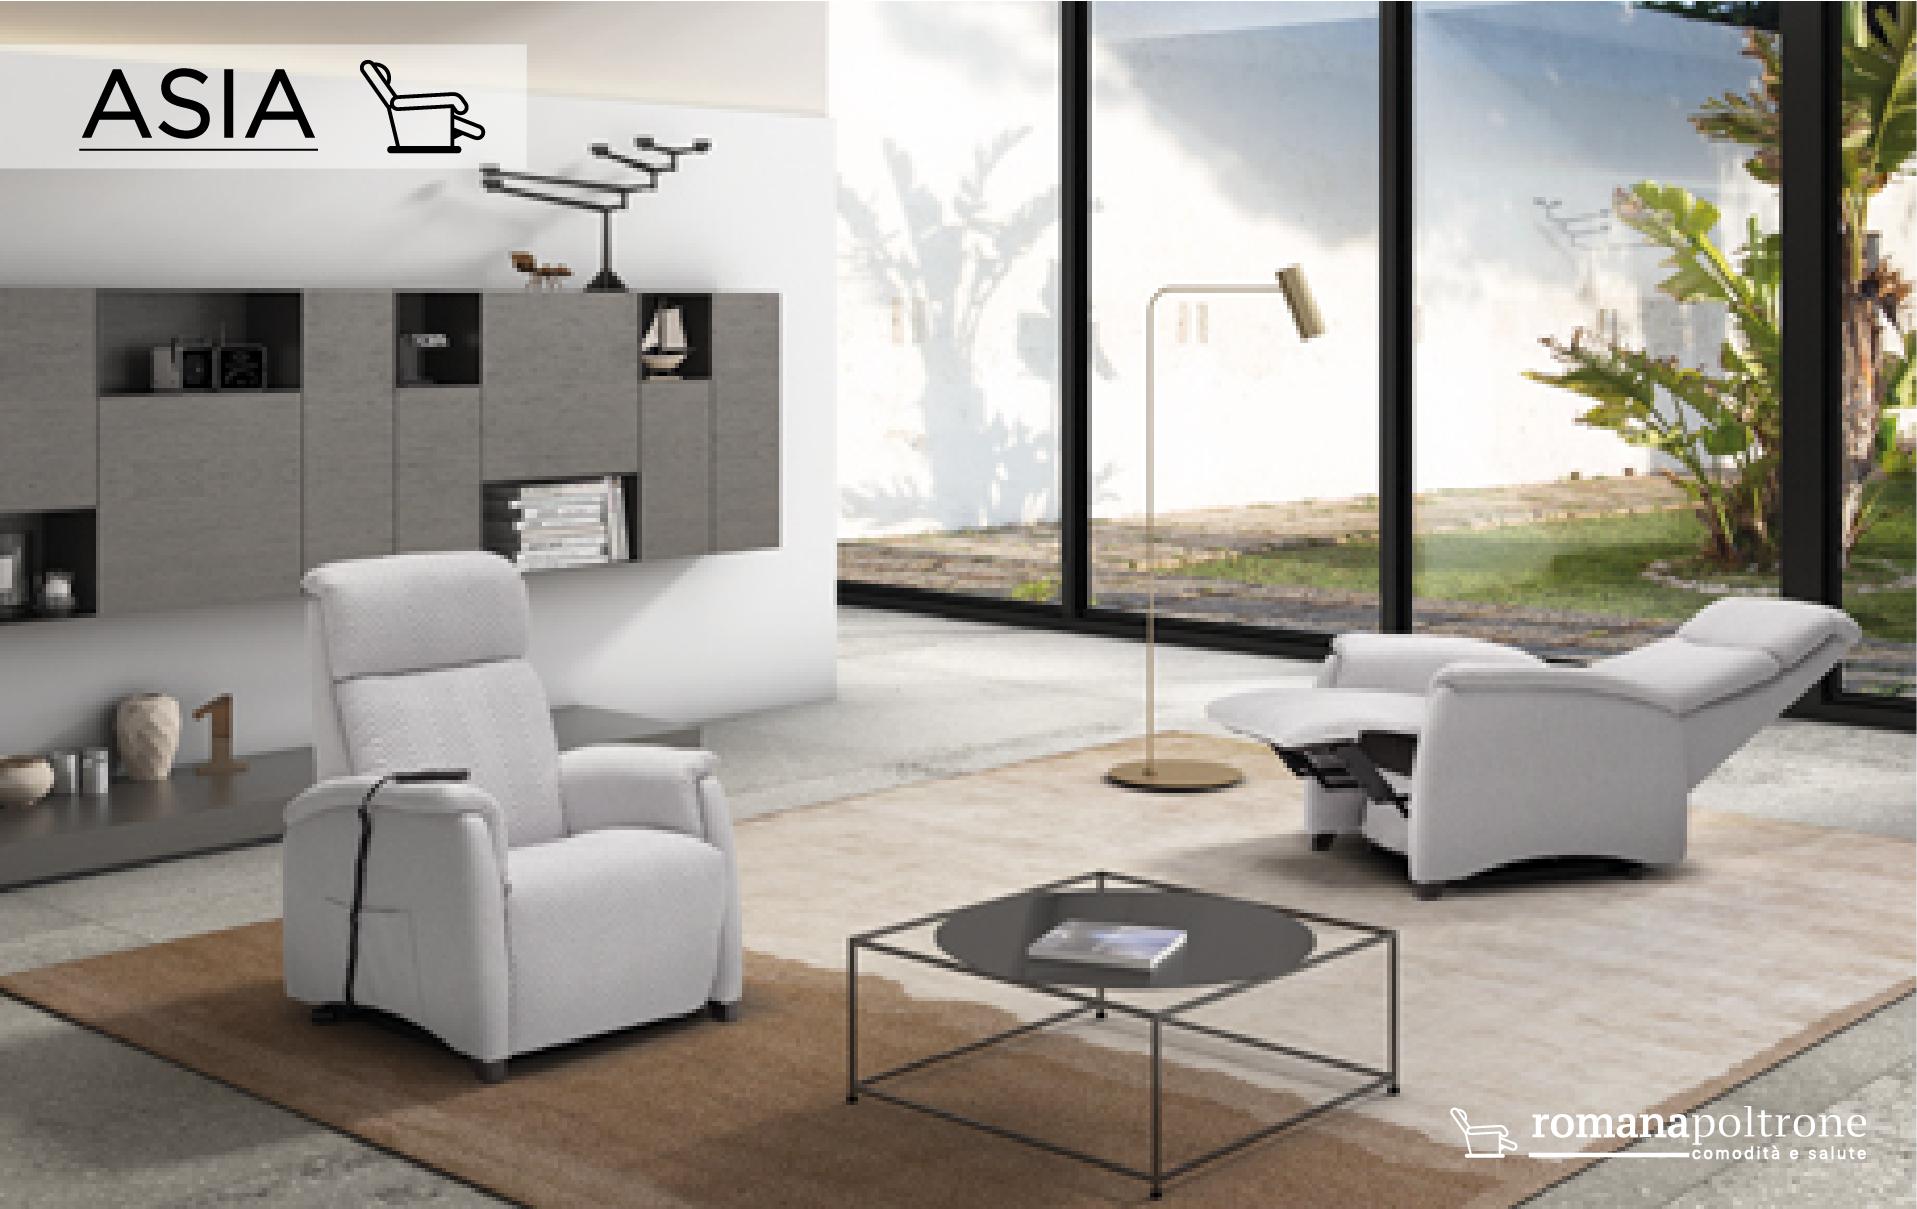 Poltrone relax: come arredare la casa con stile ed eleganza